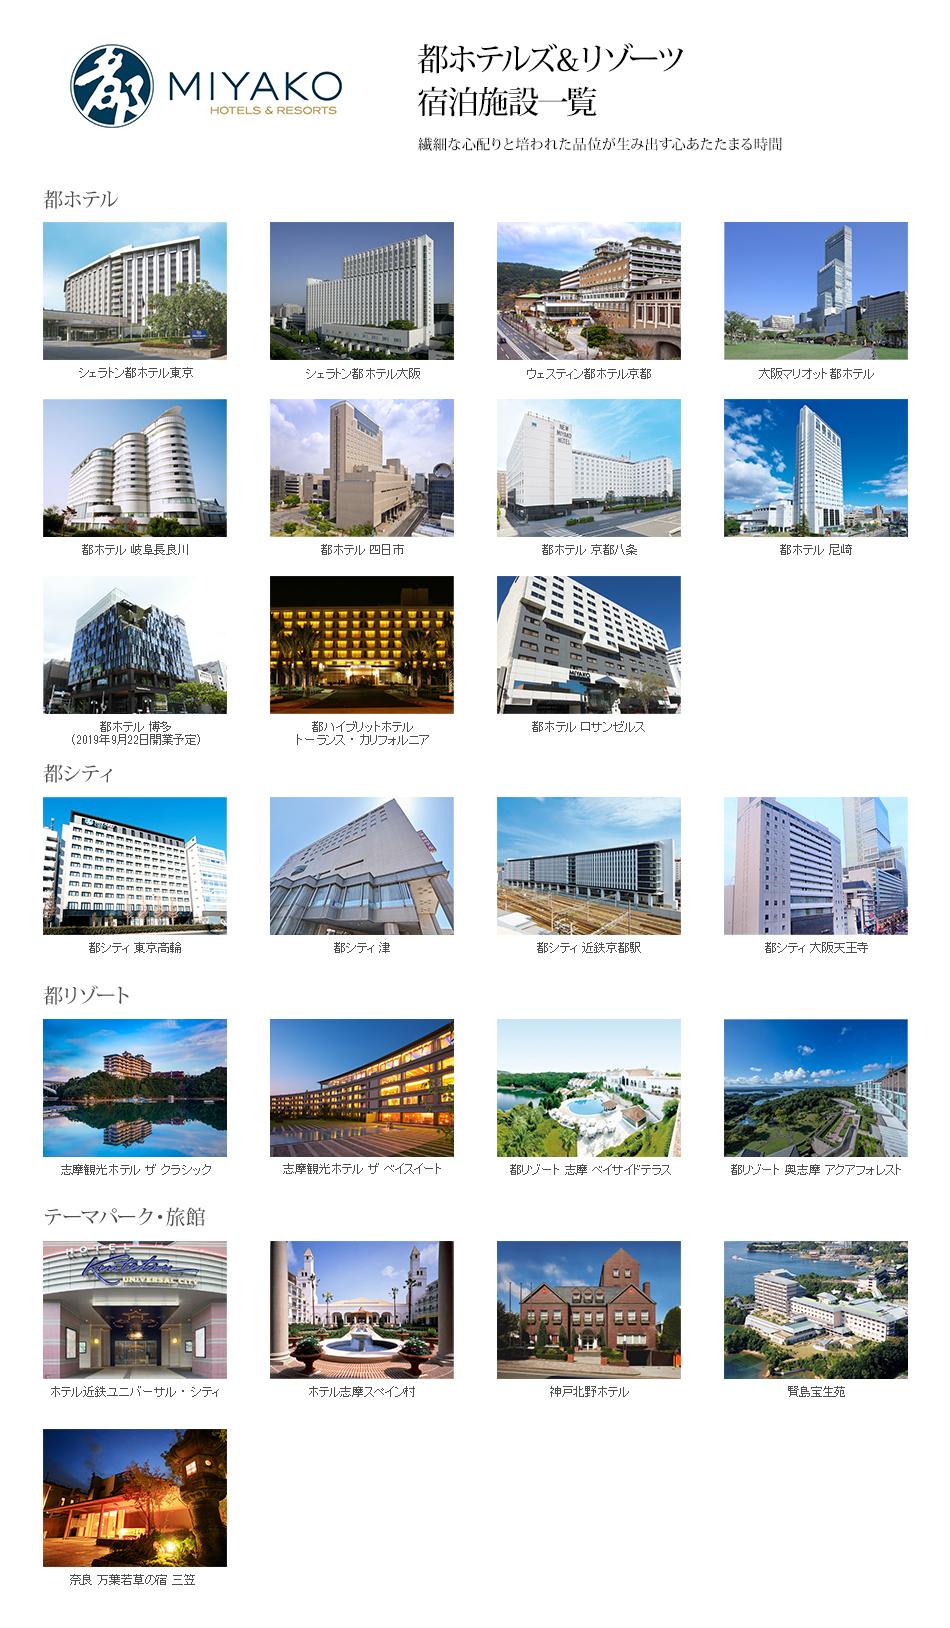 都ホテルズ&リゾーツ宿泊施設一覧表